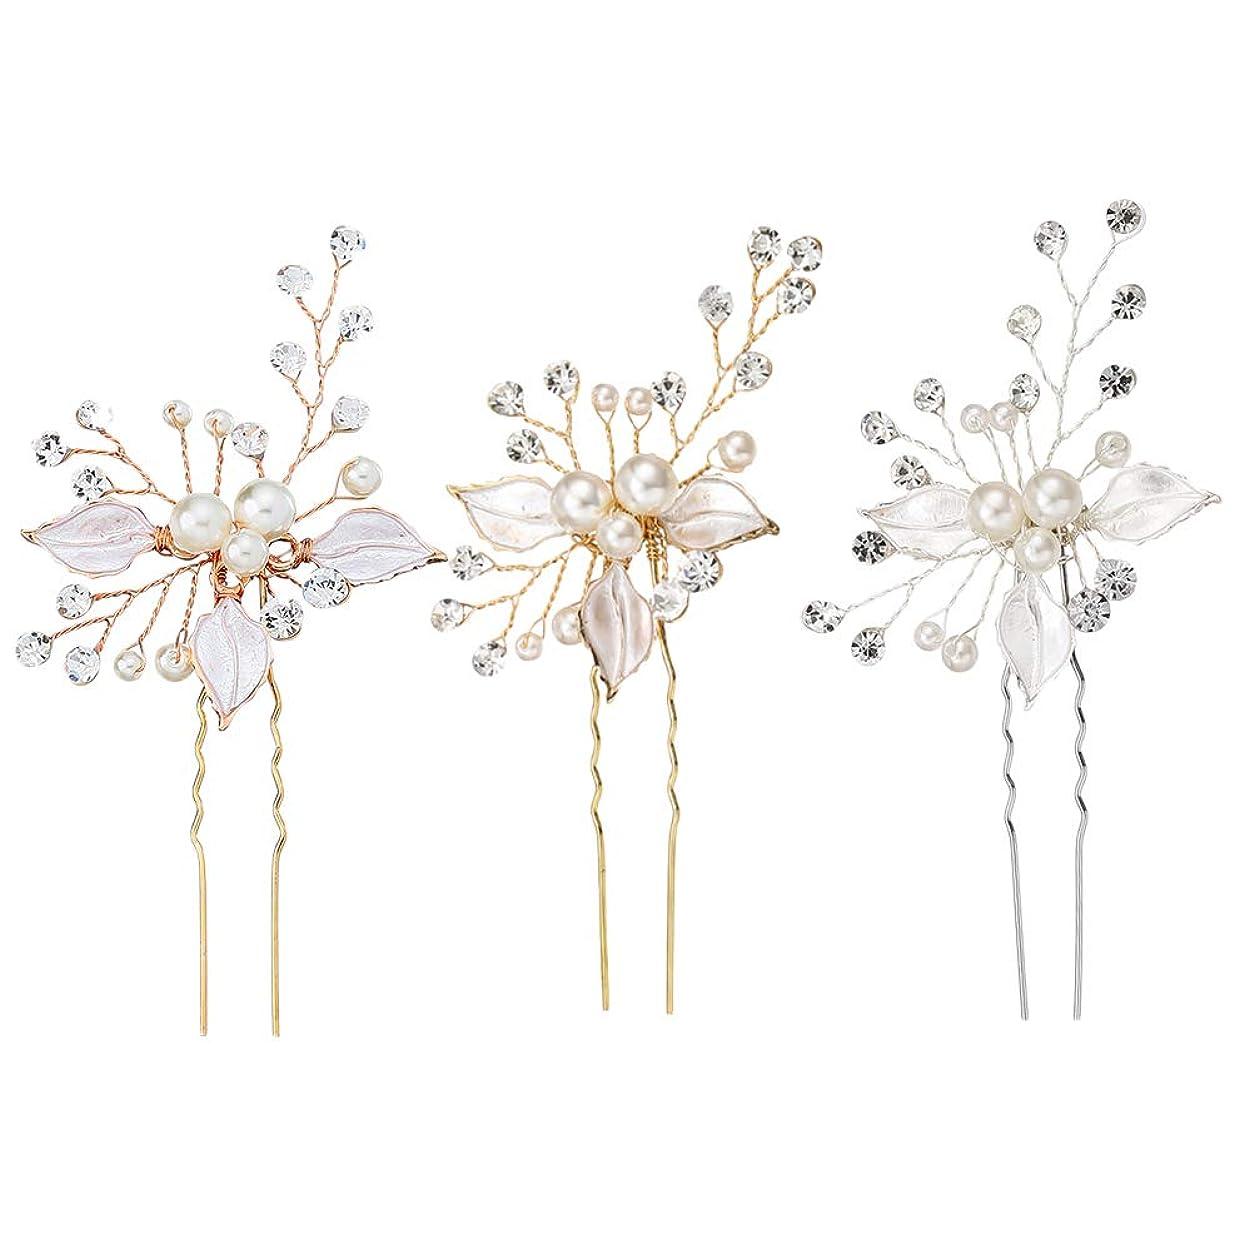 月面ベルアジア人3個手作りの花の葉のビーズの弦とヘアピンクリップヘアクリップラインストーンウェディングブライダルヘアフラワーアクセサリー用の花嫁とブライドメイド(シルバー+ゴールド+ローズゴールド)